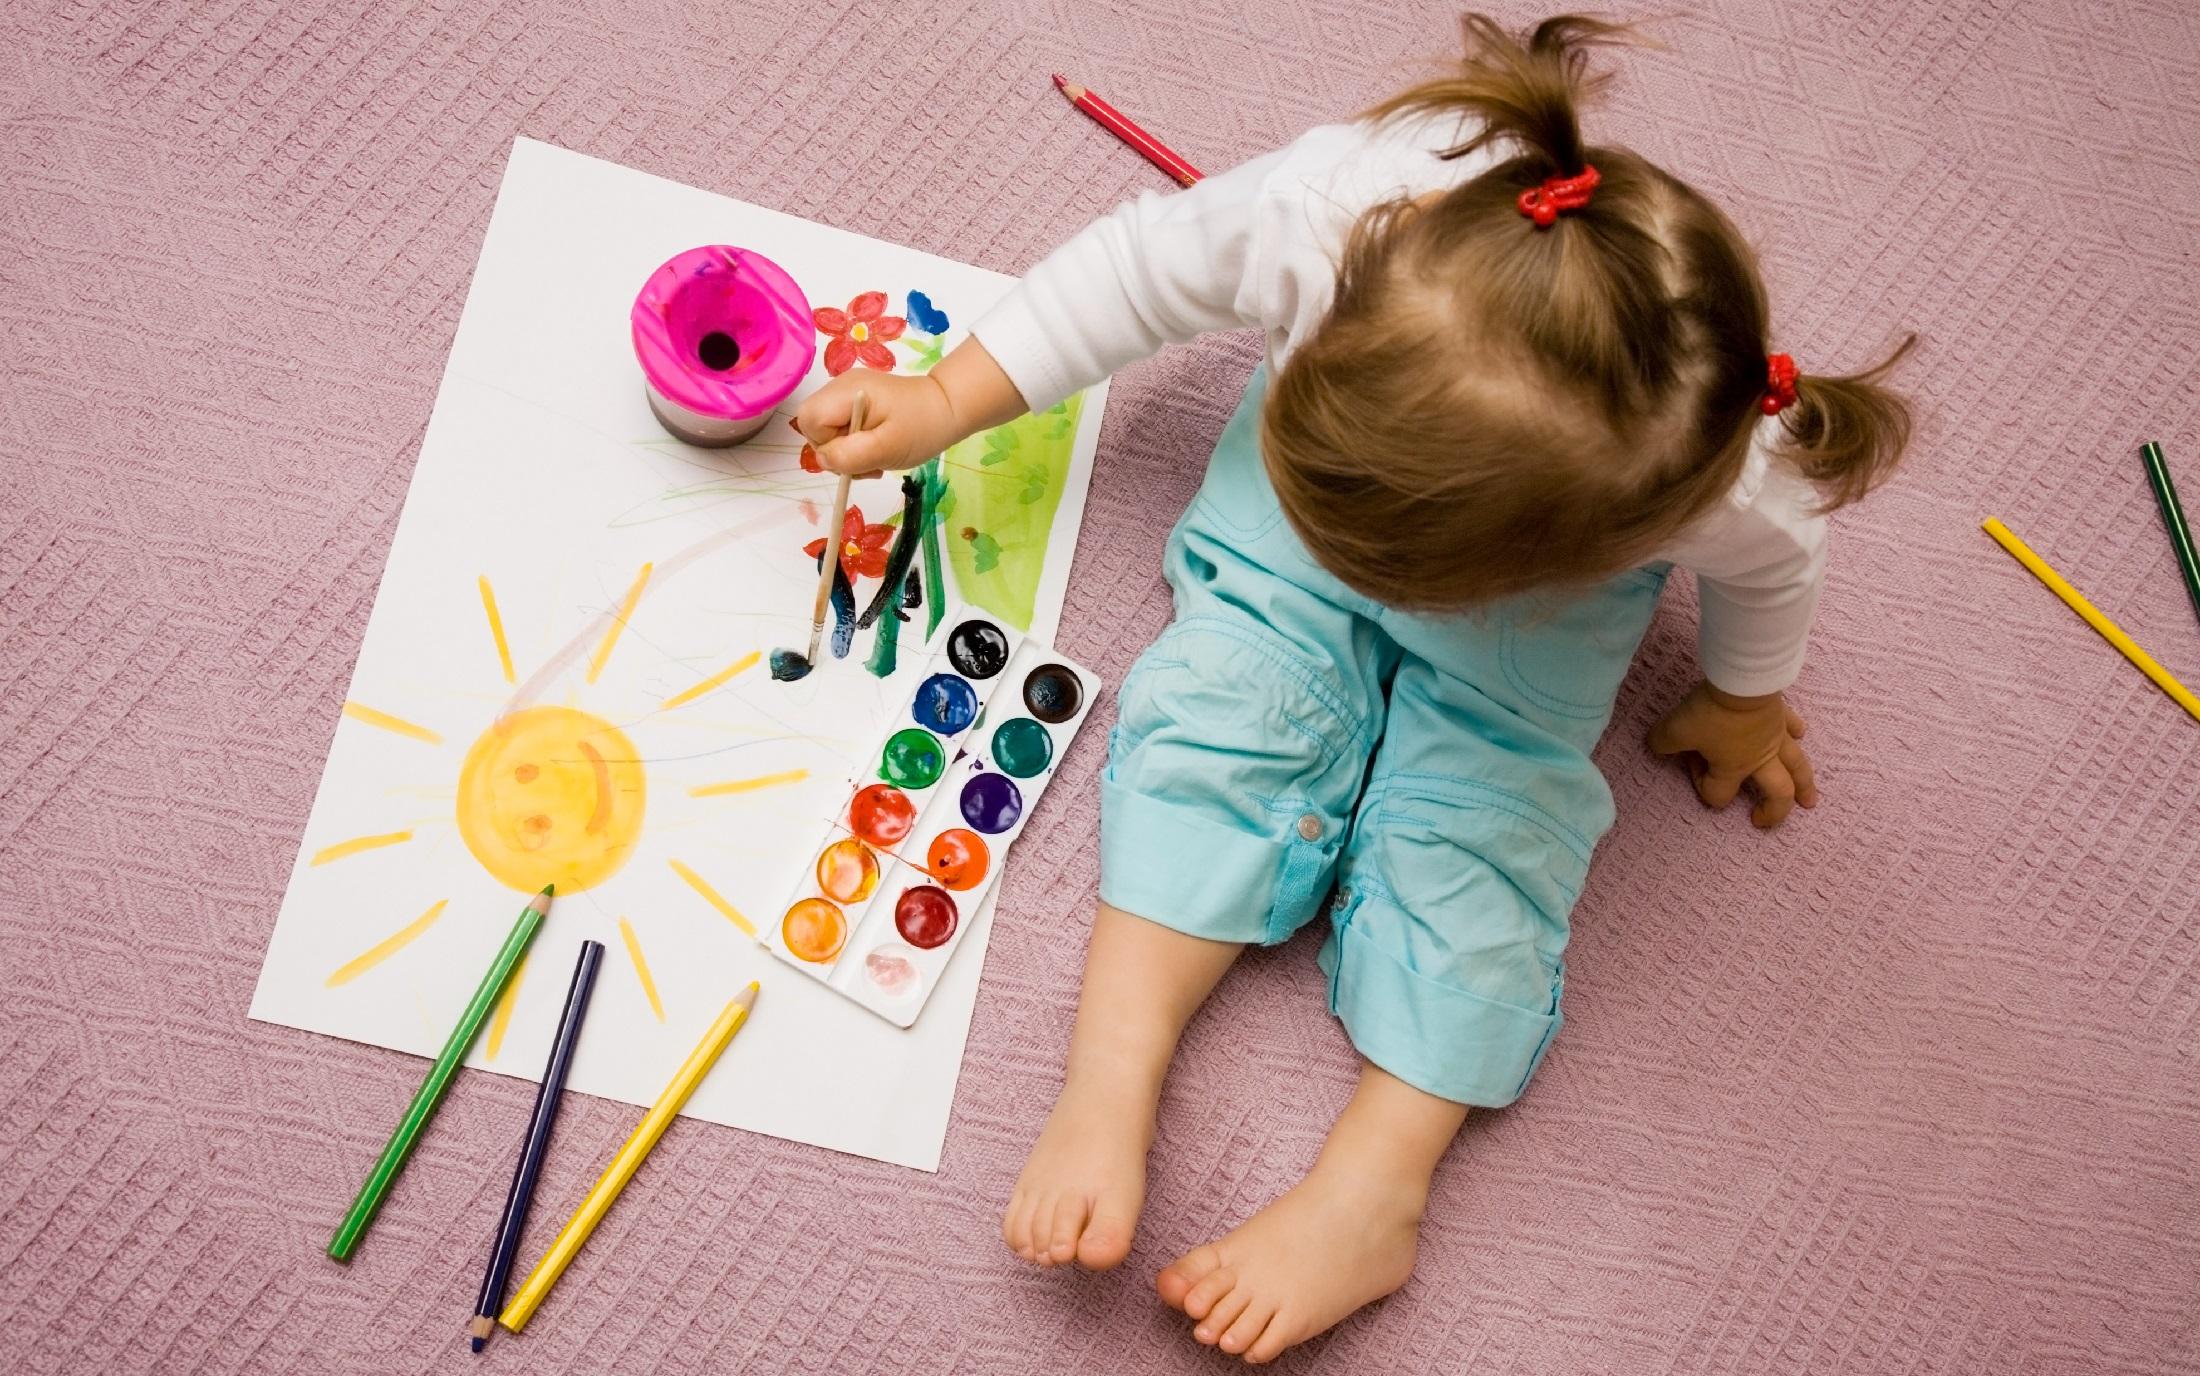 творчество детское и взрослое.